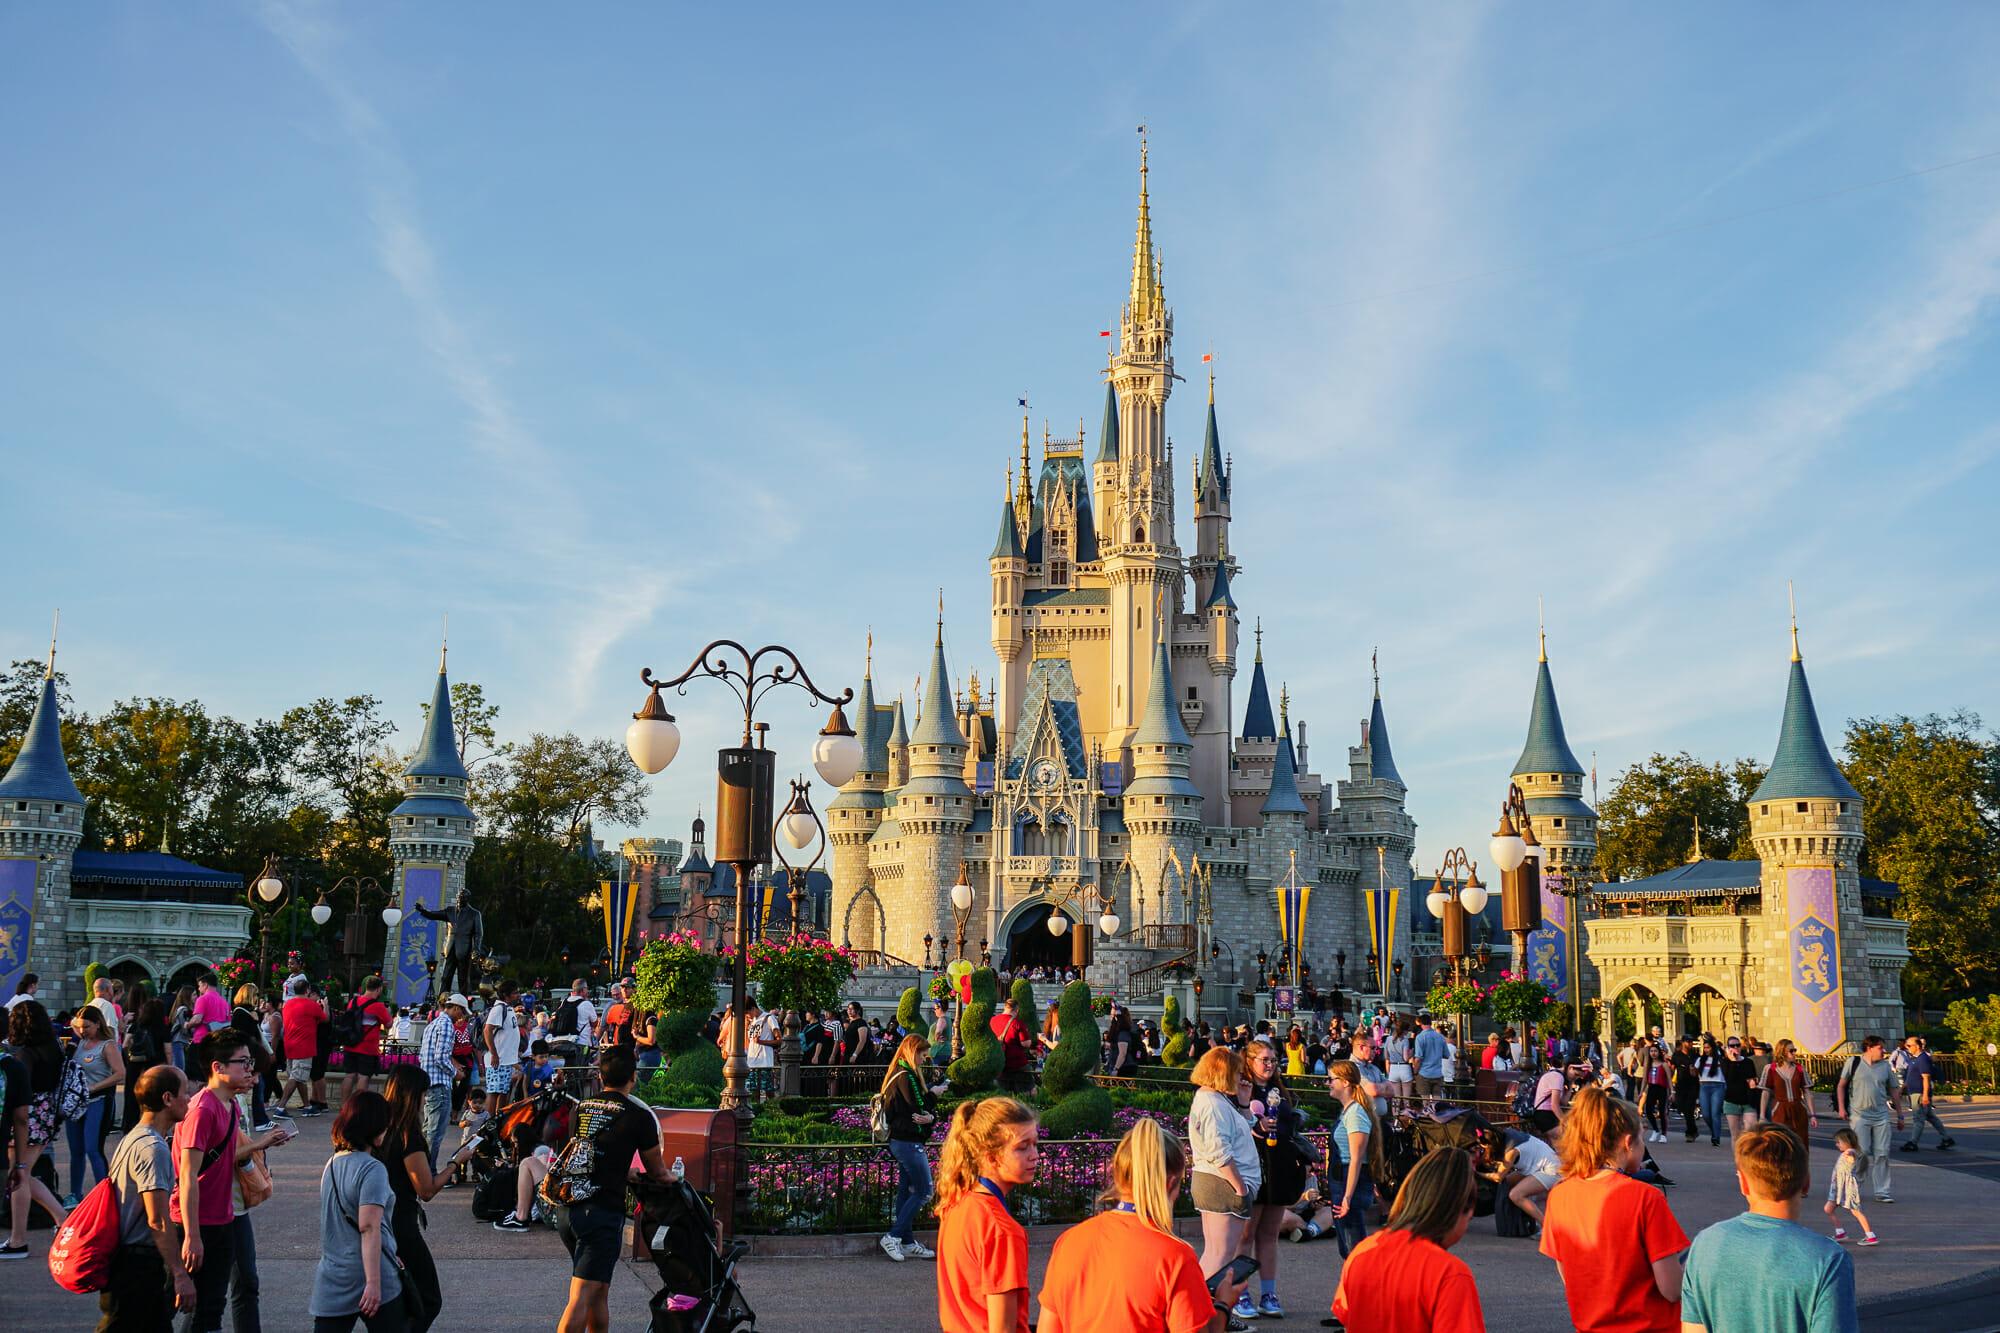 Foto do castelo da Cinderela do Magic Kingdom em um dia de céu azul, com muitos visitantes circulando pelo parque.